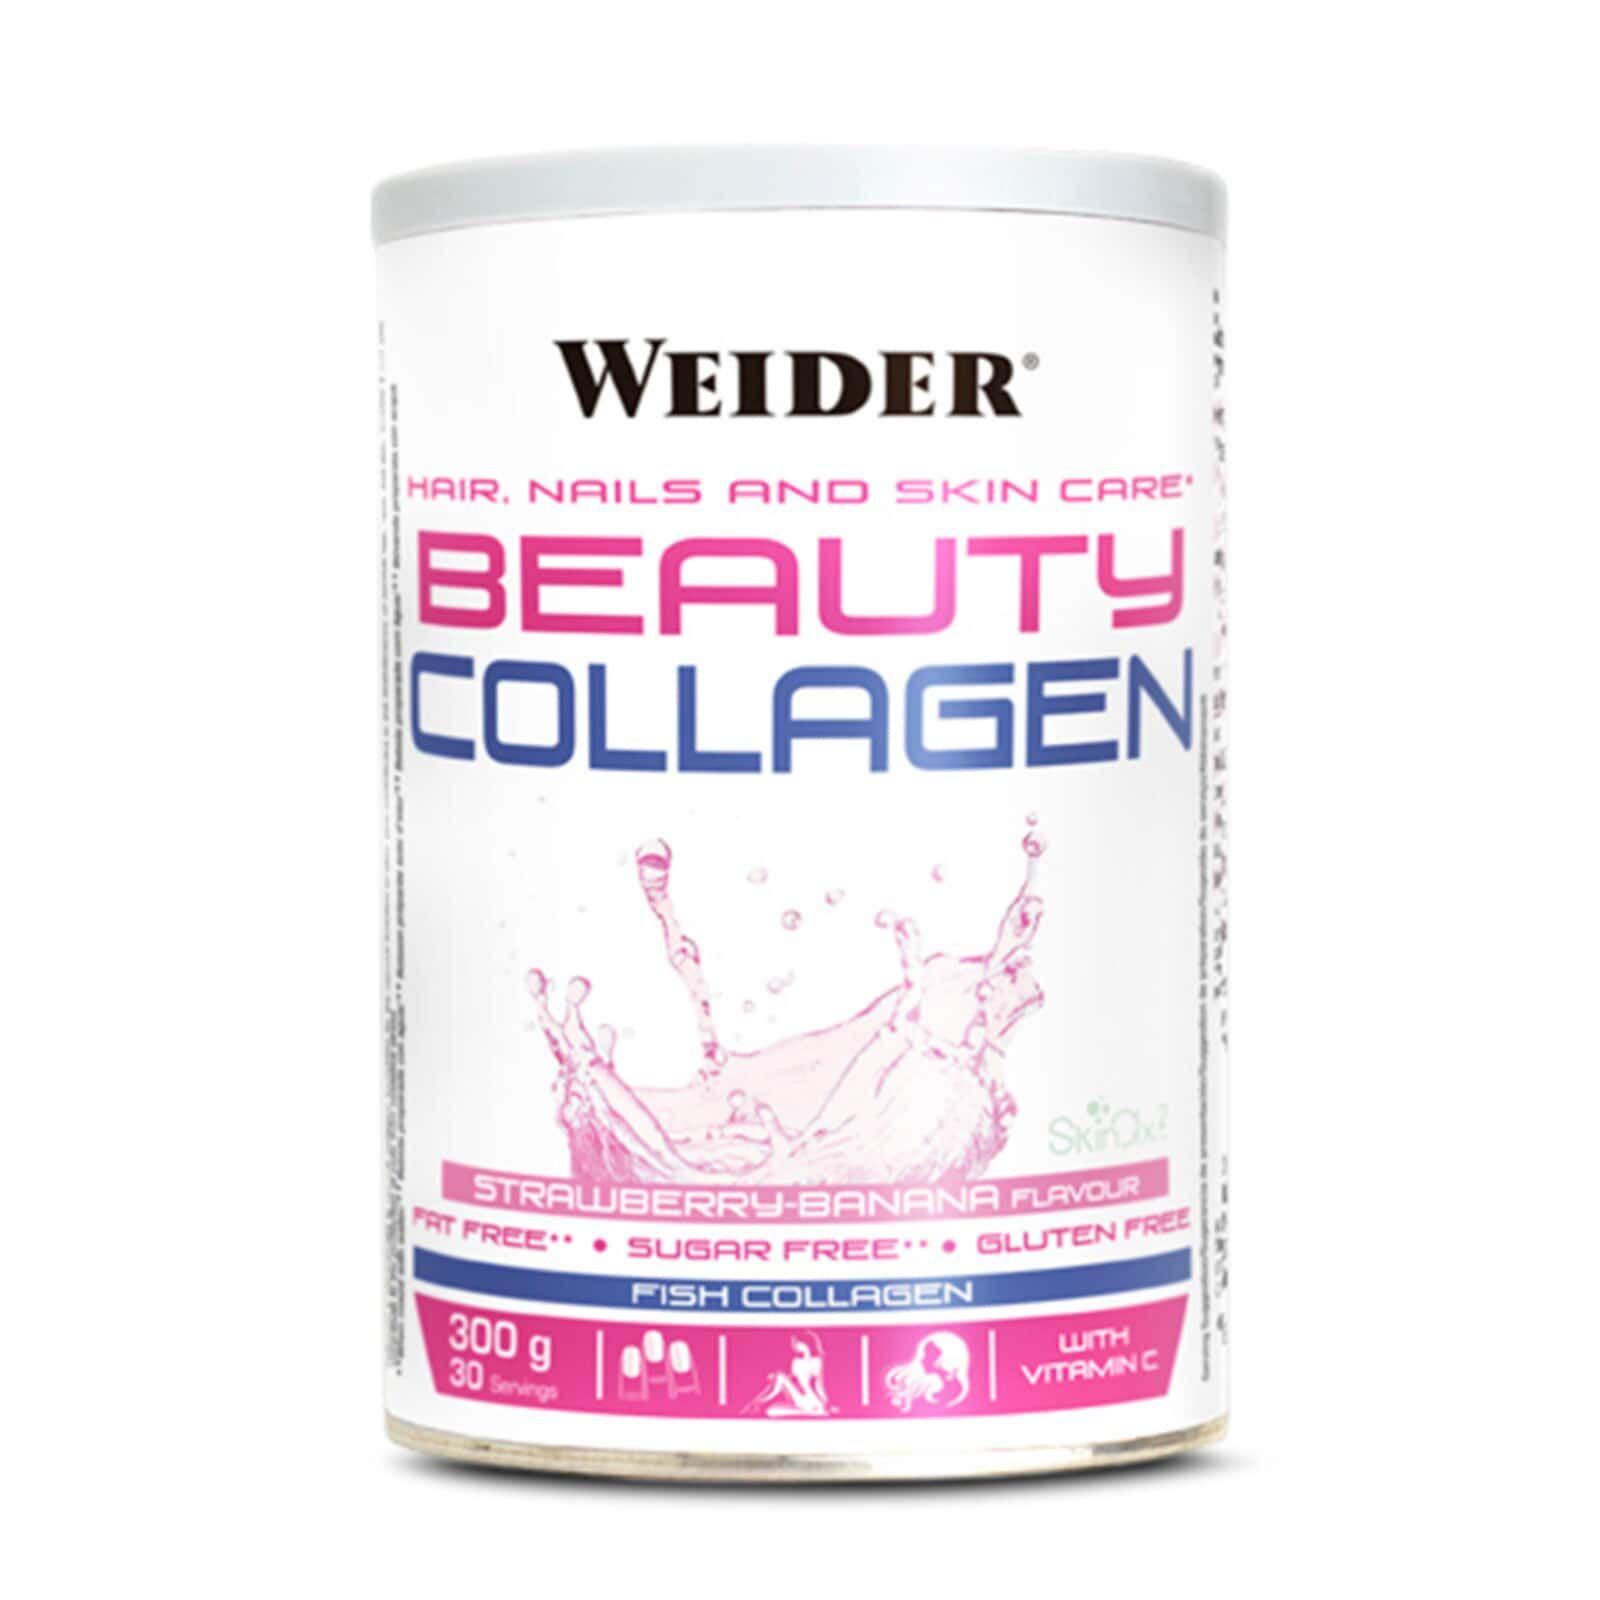 Beauty Collagen Weider Cuidado Das Unhas Pele E Cabelo